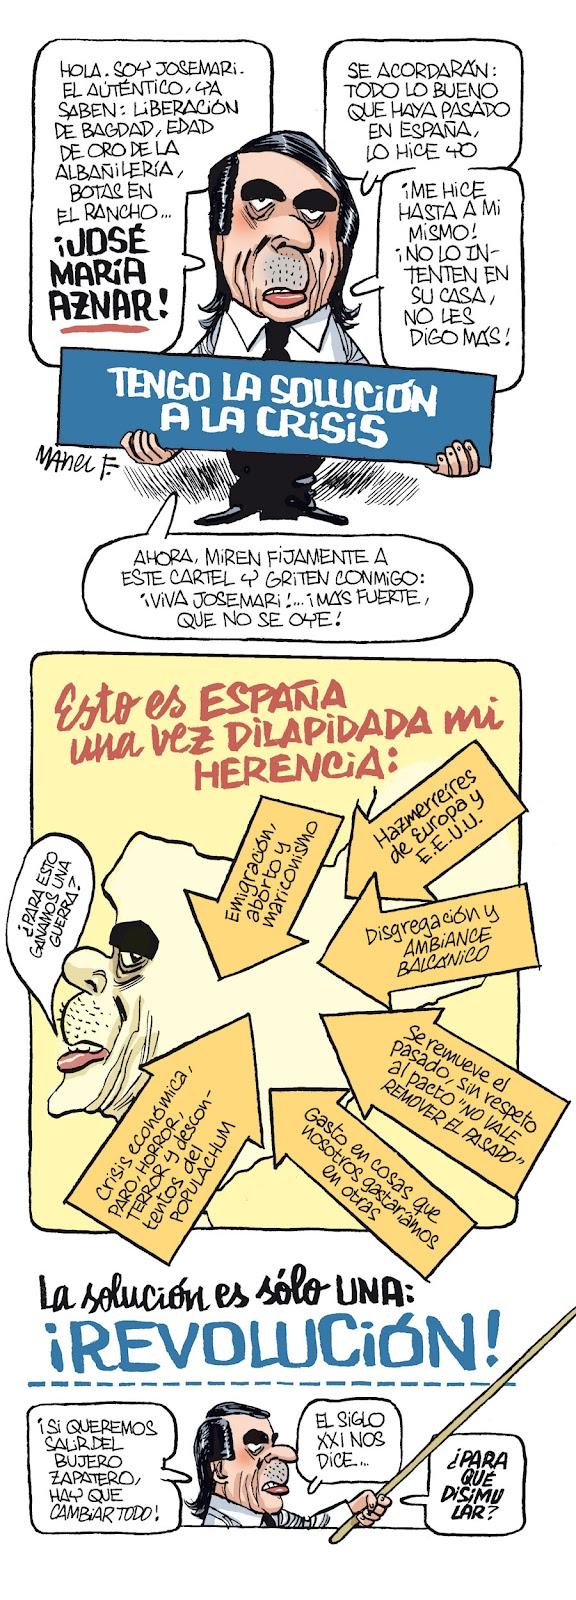 La solución de la crisis segun Aznar AznarImpe1